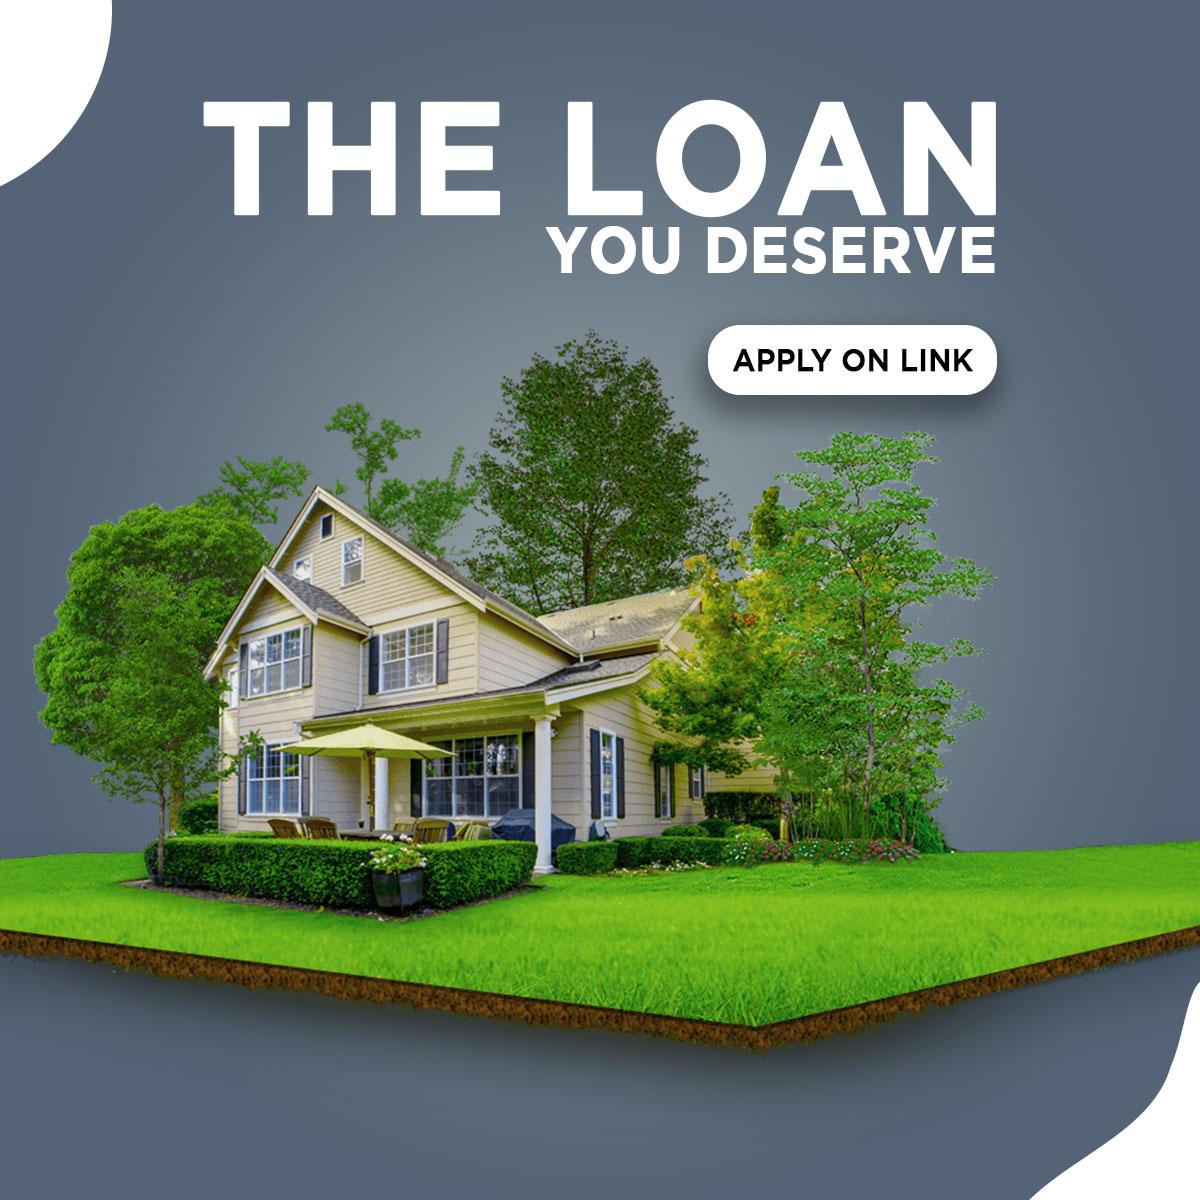 portfolio/050/164550/real_estate_loan_2.jpg